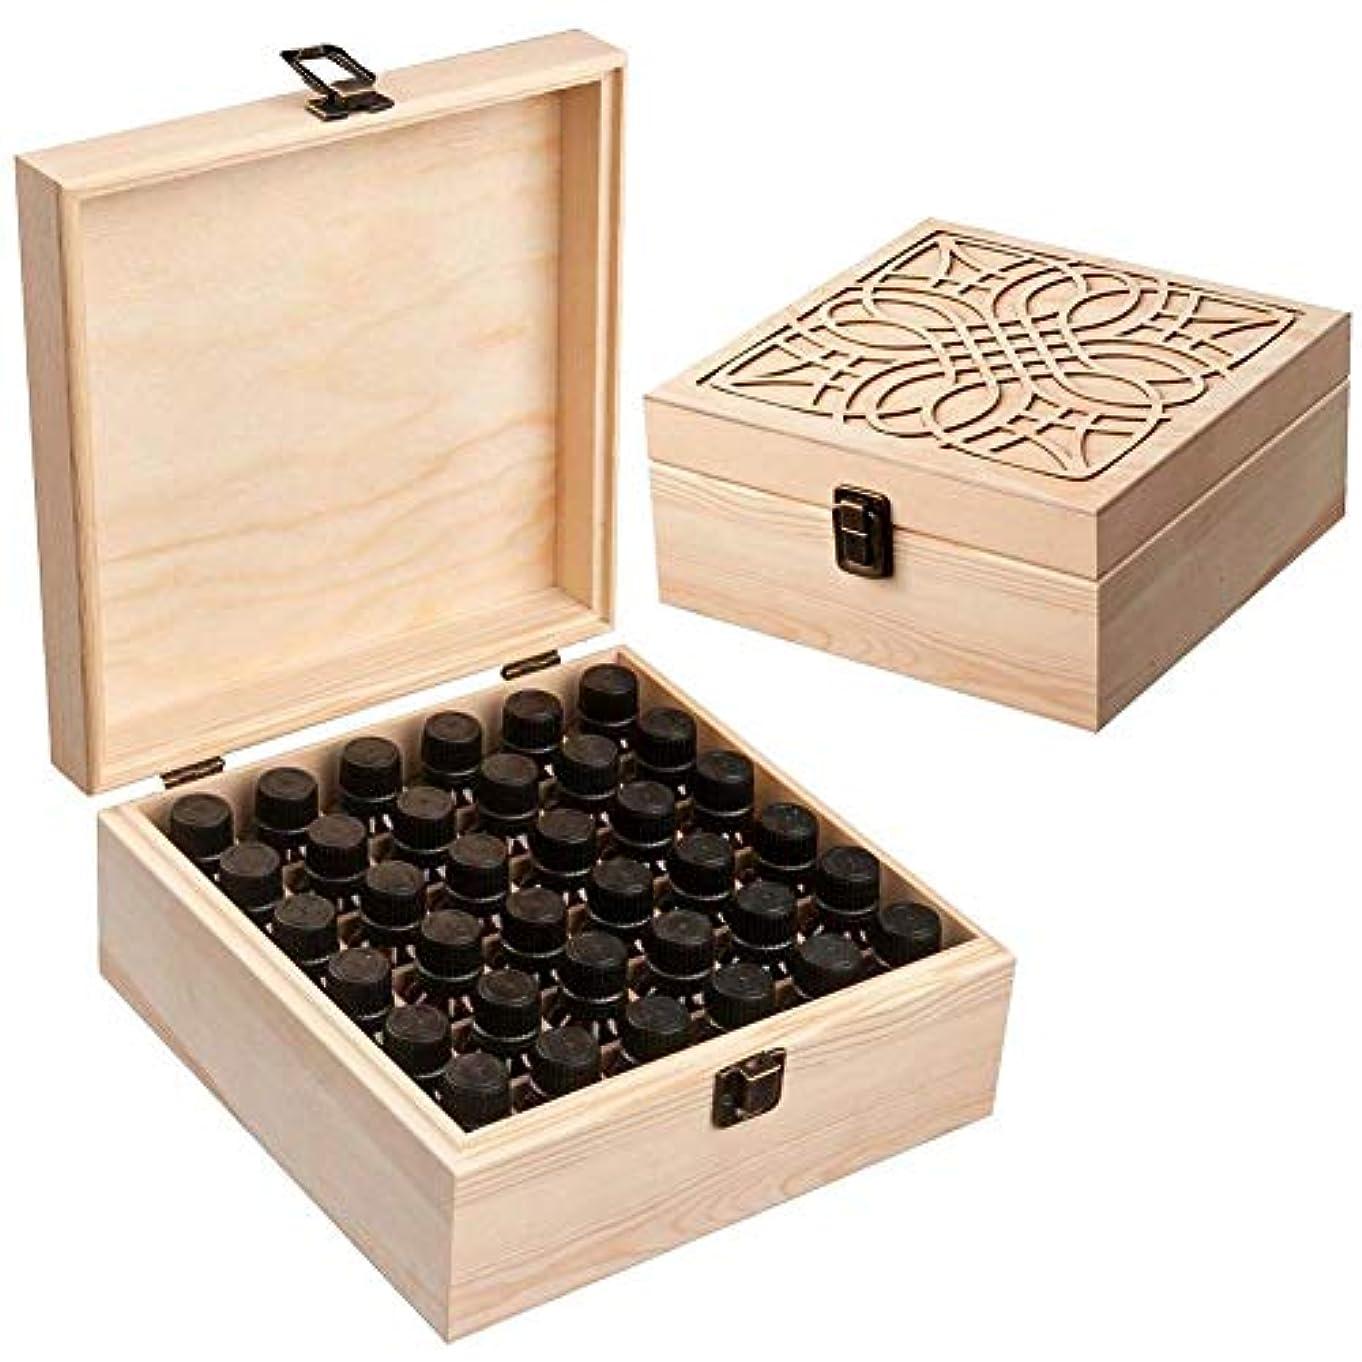 爬虫類バルク荒野Newfashion エッセンシャルオイル収納ボックス 精油収納 アロマケース 木製 大容量 携帯便利 オイルボックス 飾り物 36本用